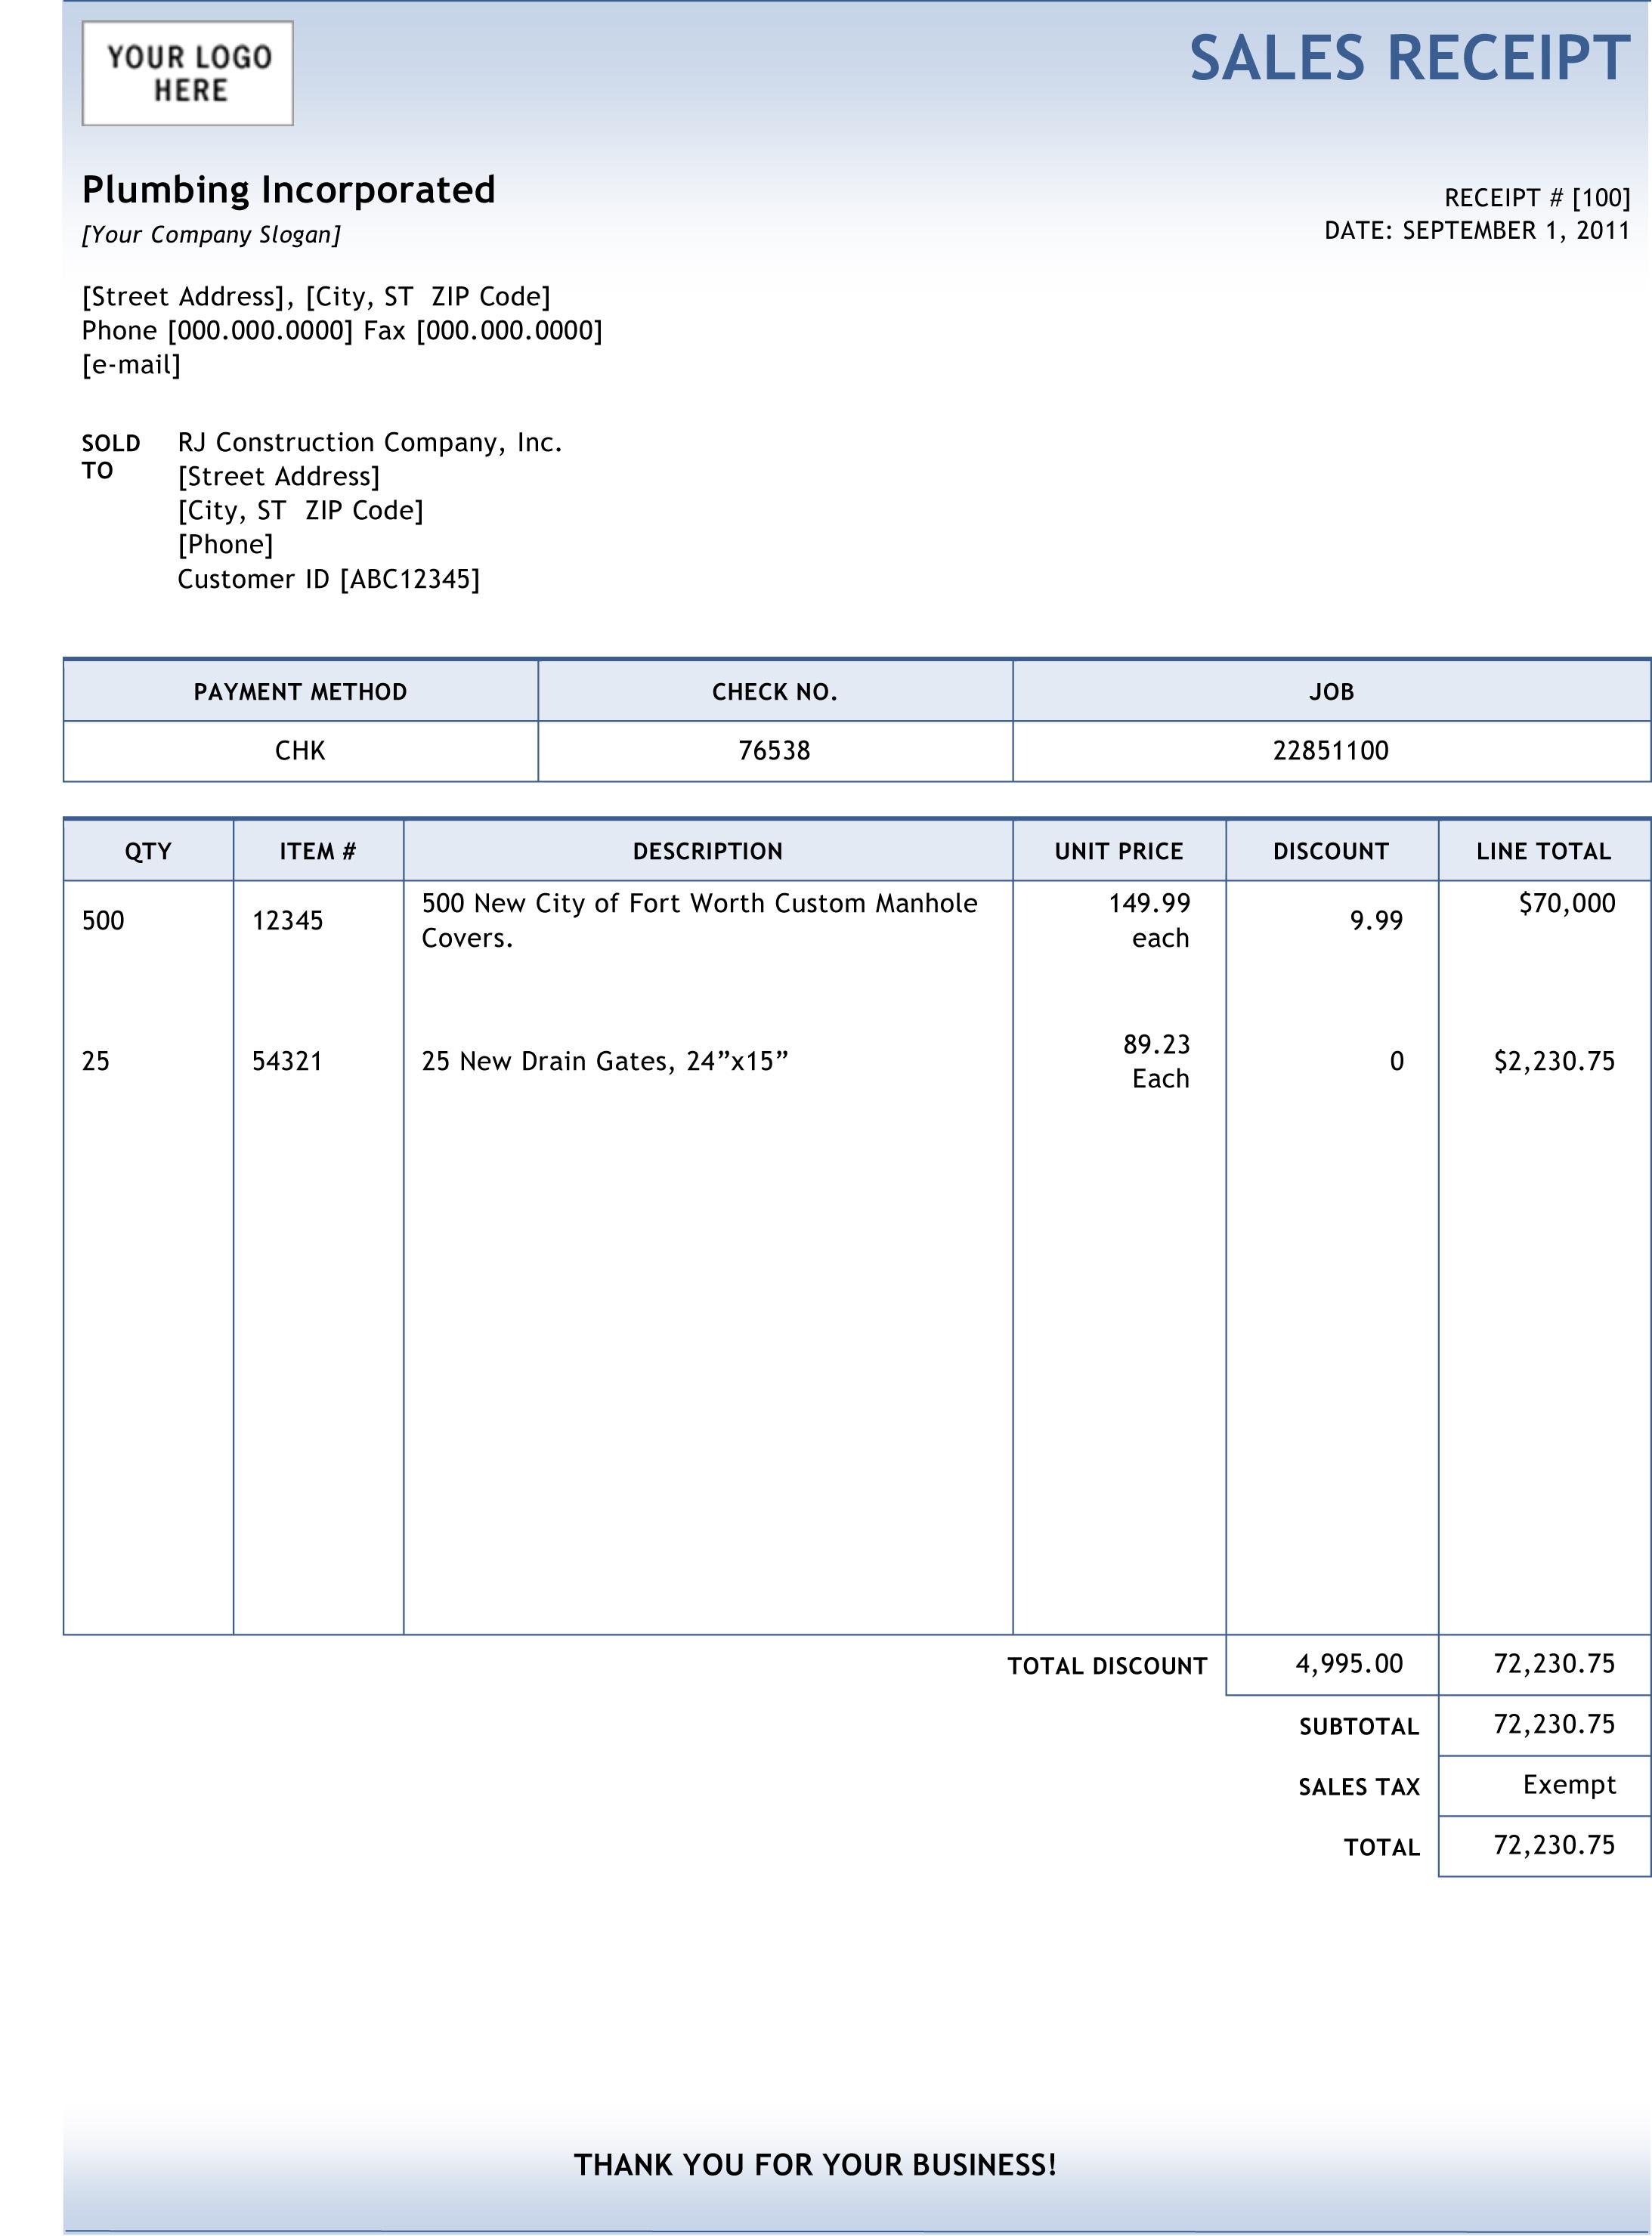 sample_sales_receipt.jpg